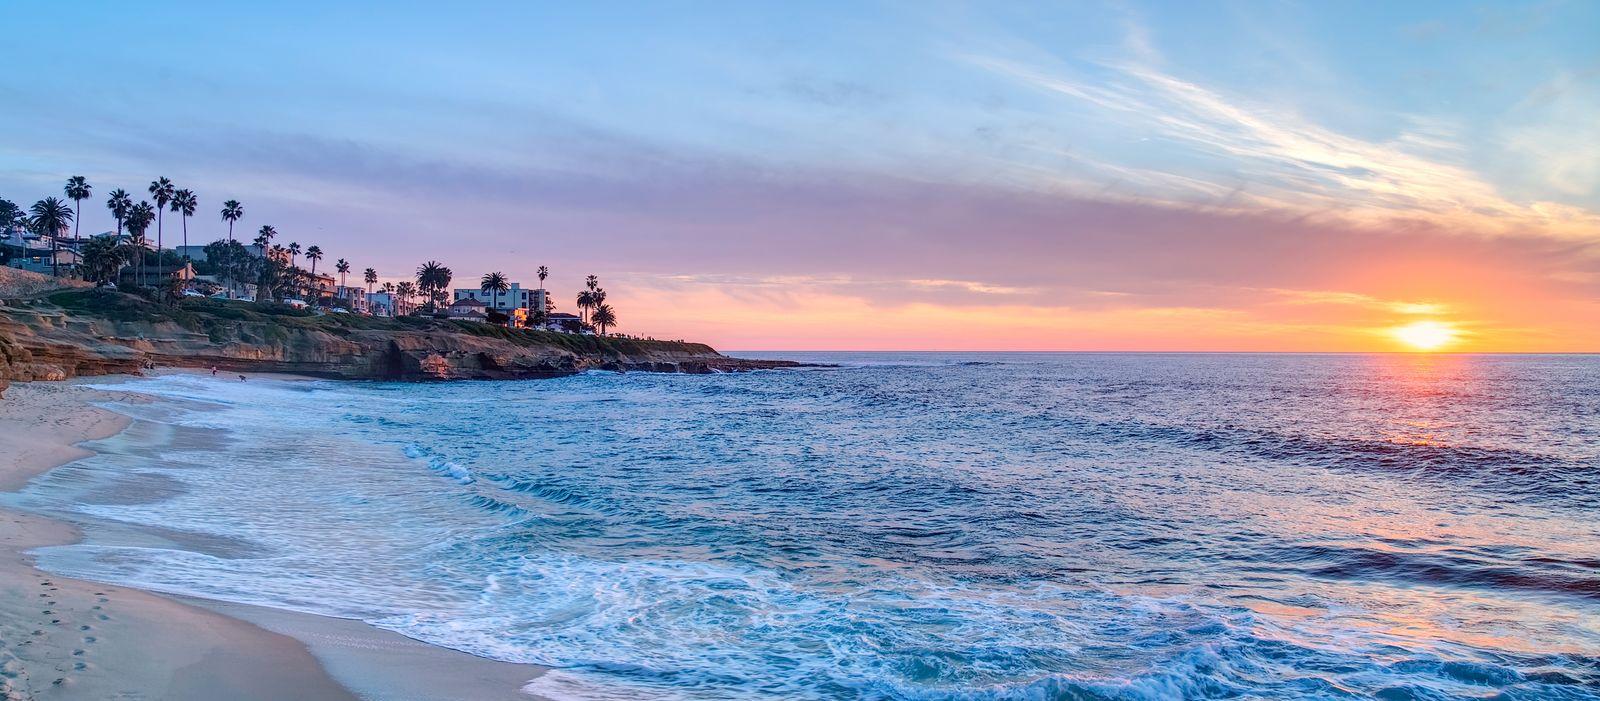 Sonnenuntergang am Strand von La Jolla, San Diego, Kalifornien